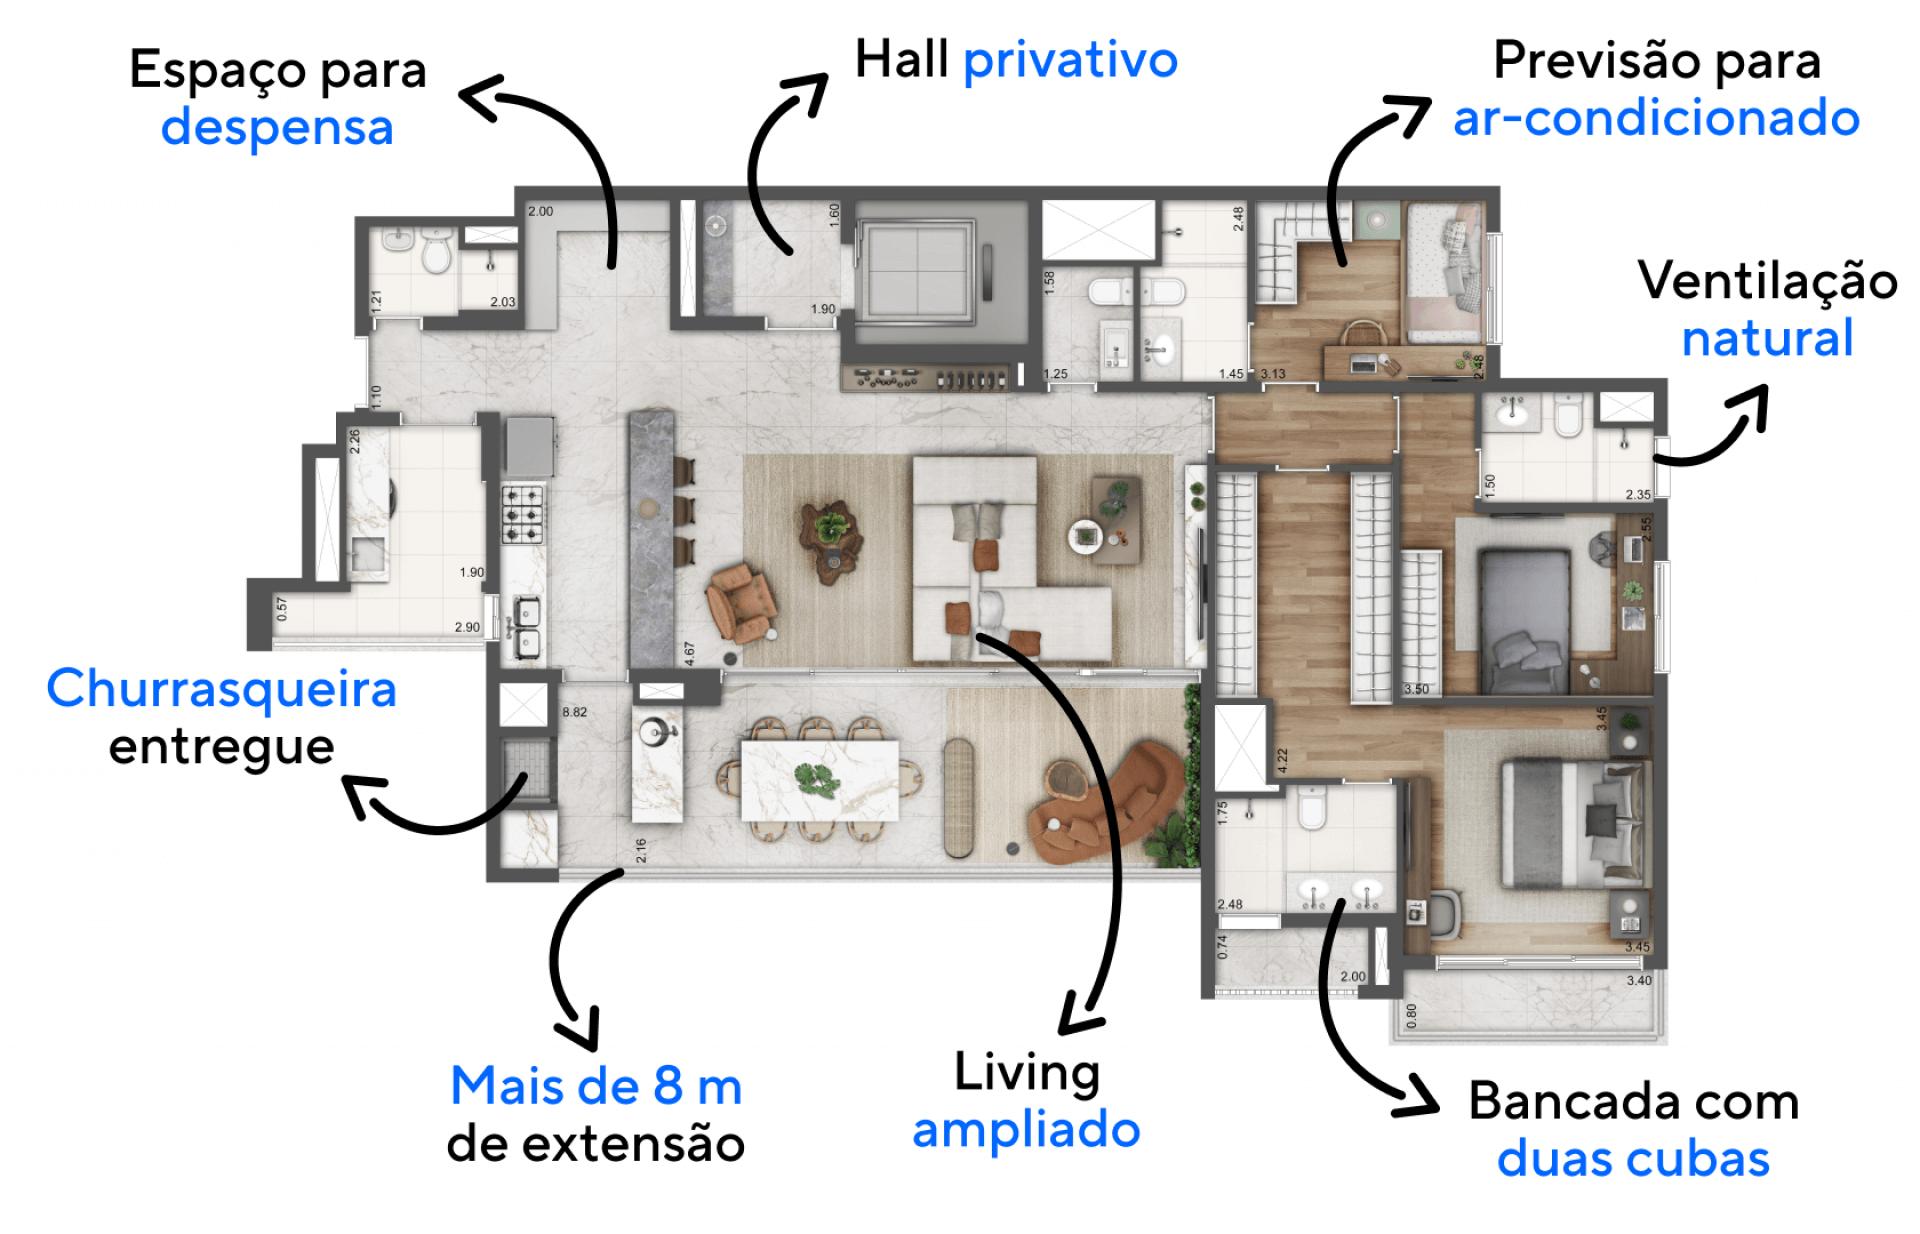 180 M² - 3 SUÍTES. Apartamentos com living ampliado, criando uma confortável área social que se conecta ao terraço gourmet. Destaque para cozinha aberta integrada ao living, uma configuração que permite maior fluidez entre os ambientes.